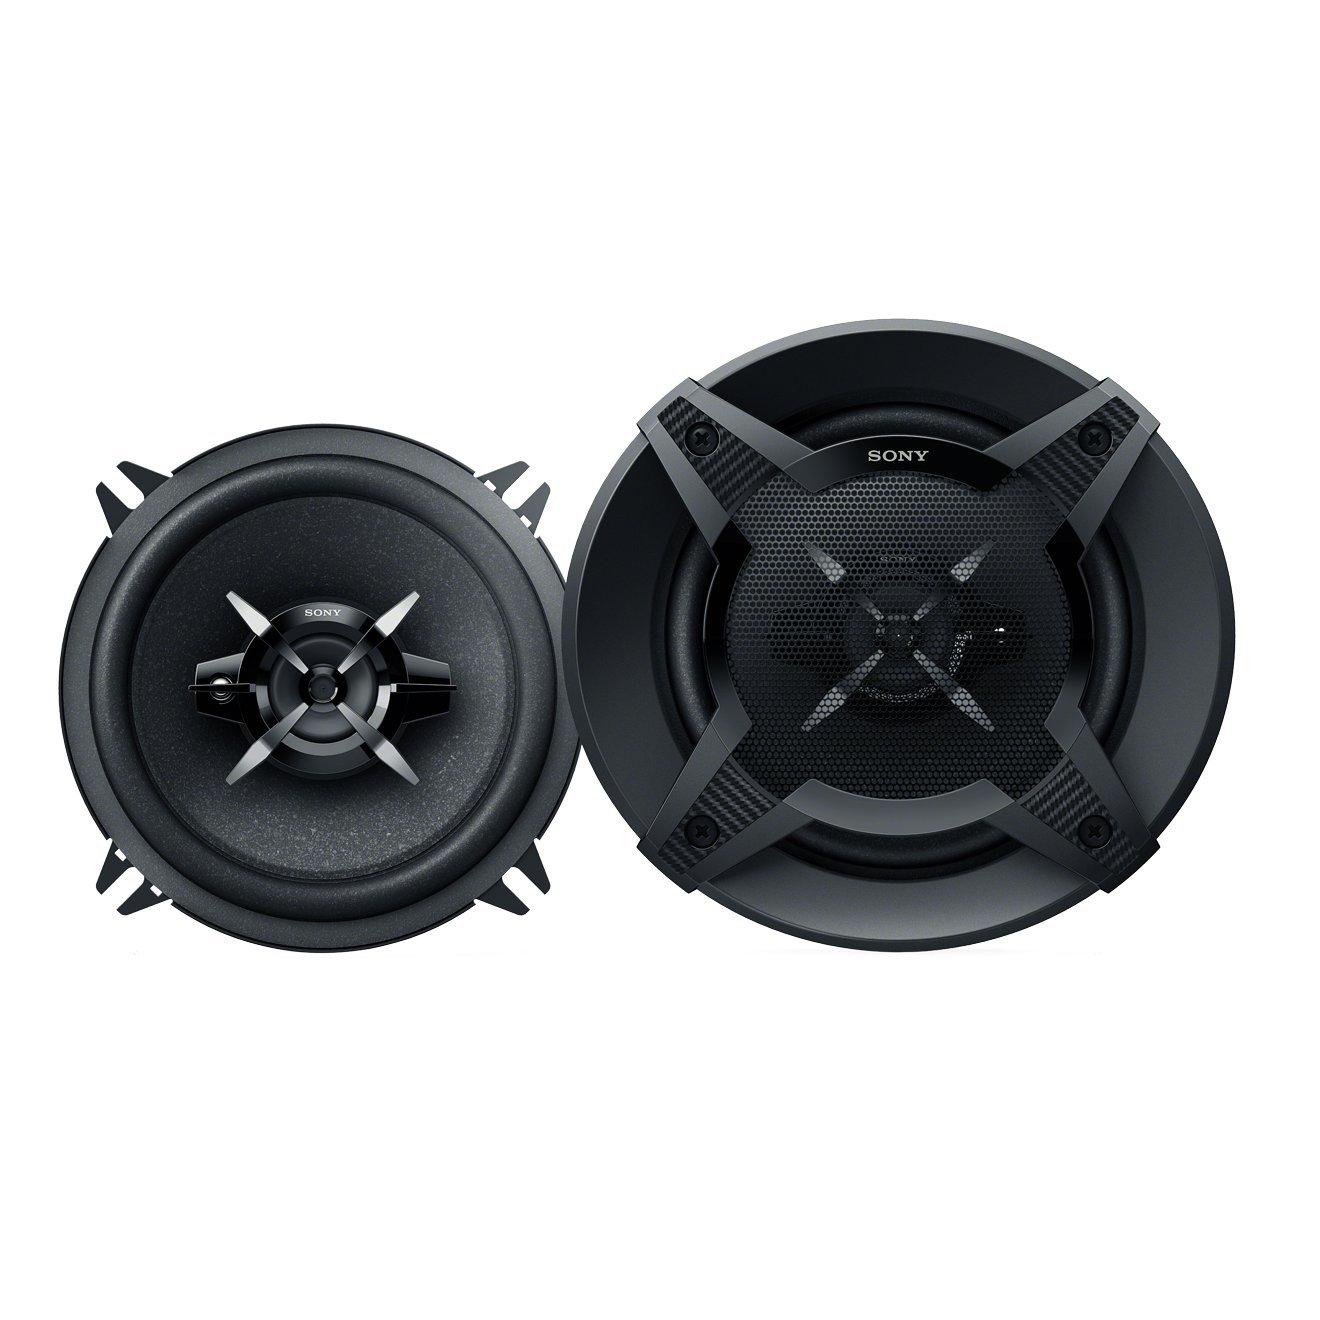 Sony XS-FB1330 Negro 240W, 13 cm Altavoces coaxiales de 3 v/ías